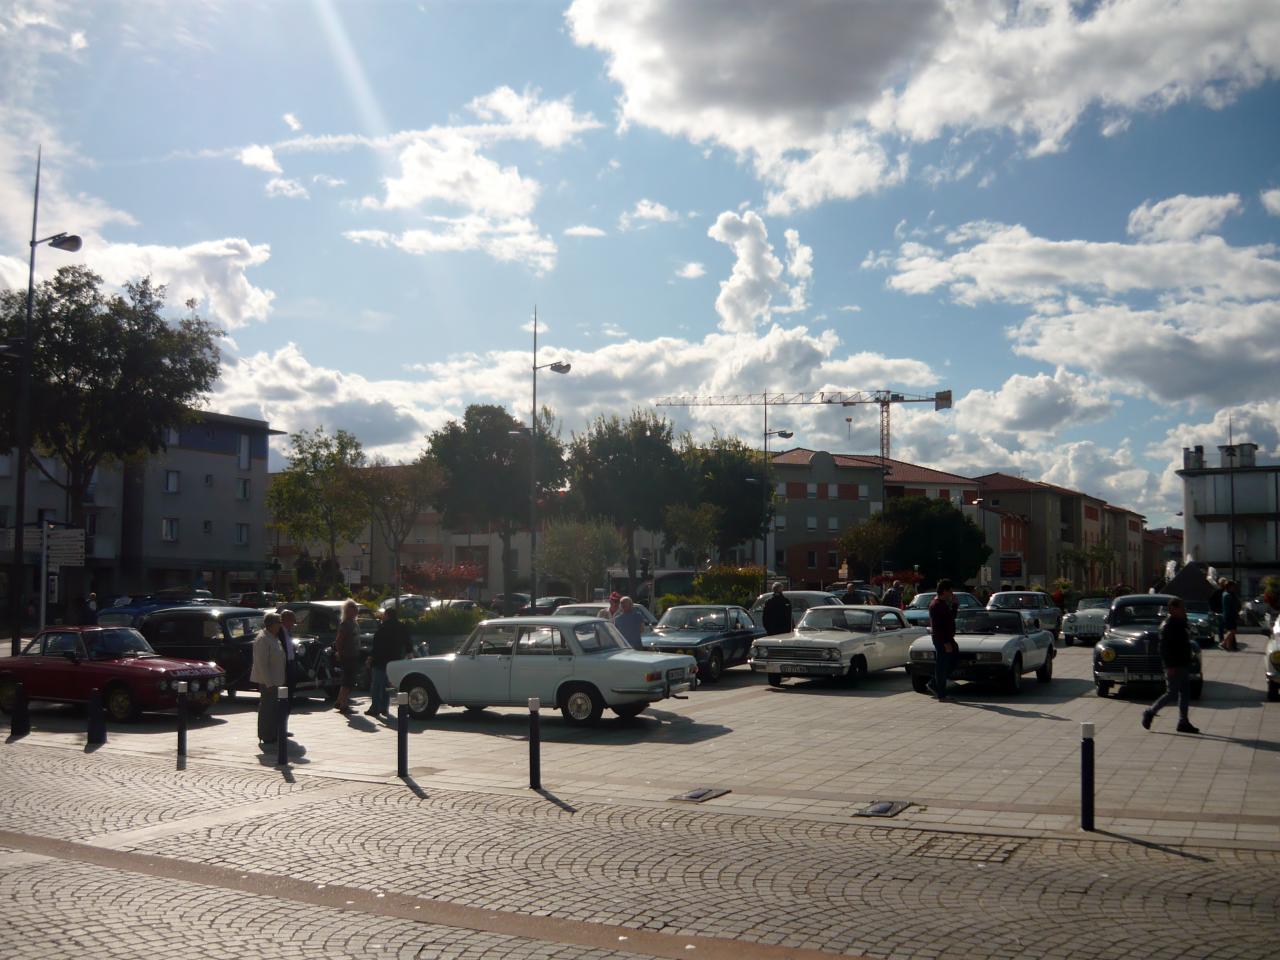 Journ e du patrimoine 2017 devant la mairie de portes l s valence 08 - Mairie de portes les valence ...